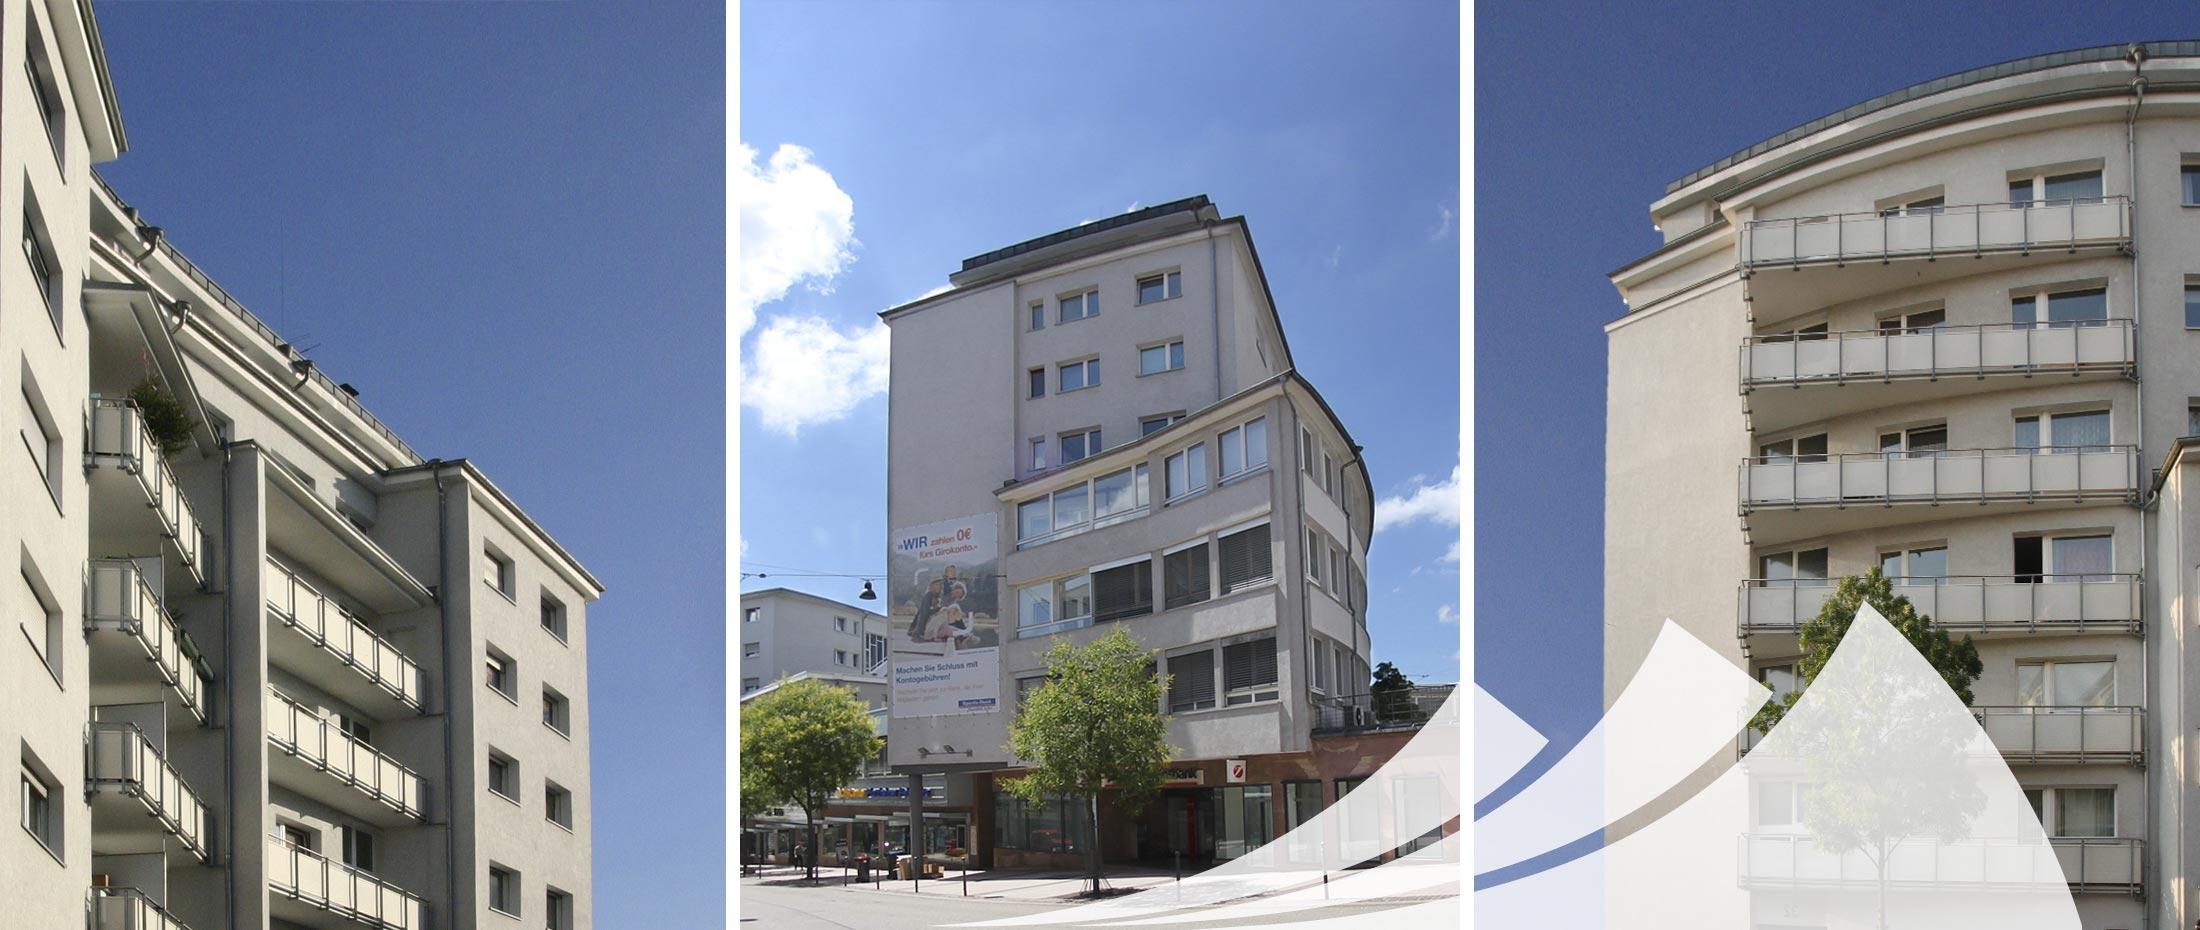 Hausverwaltung in Pforzheim: Saacke Carré. Gebäude in verschiedenen Perspektiven.